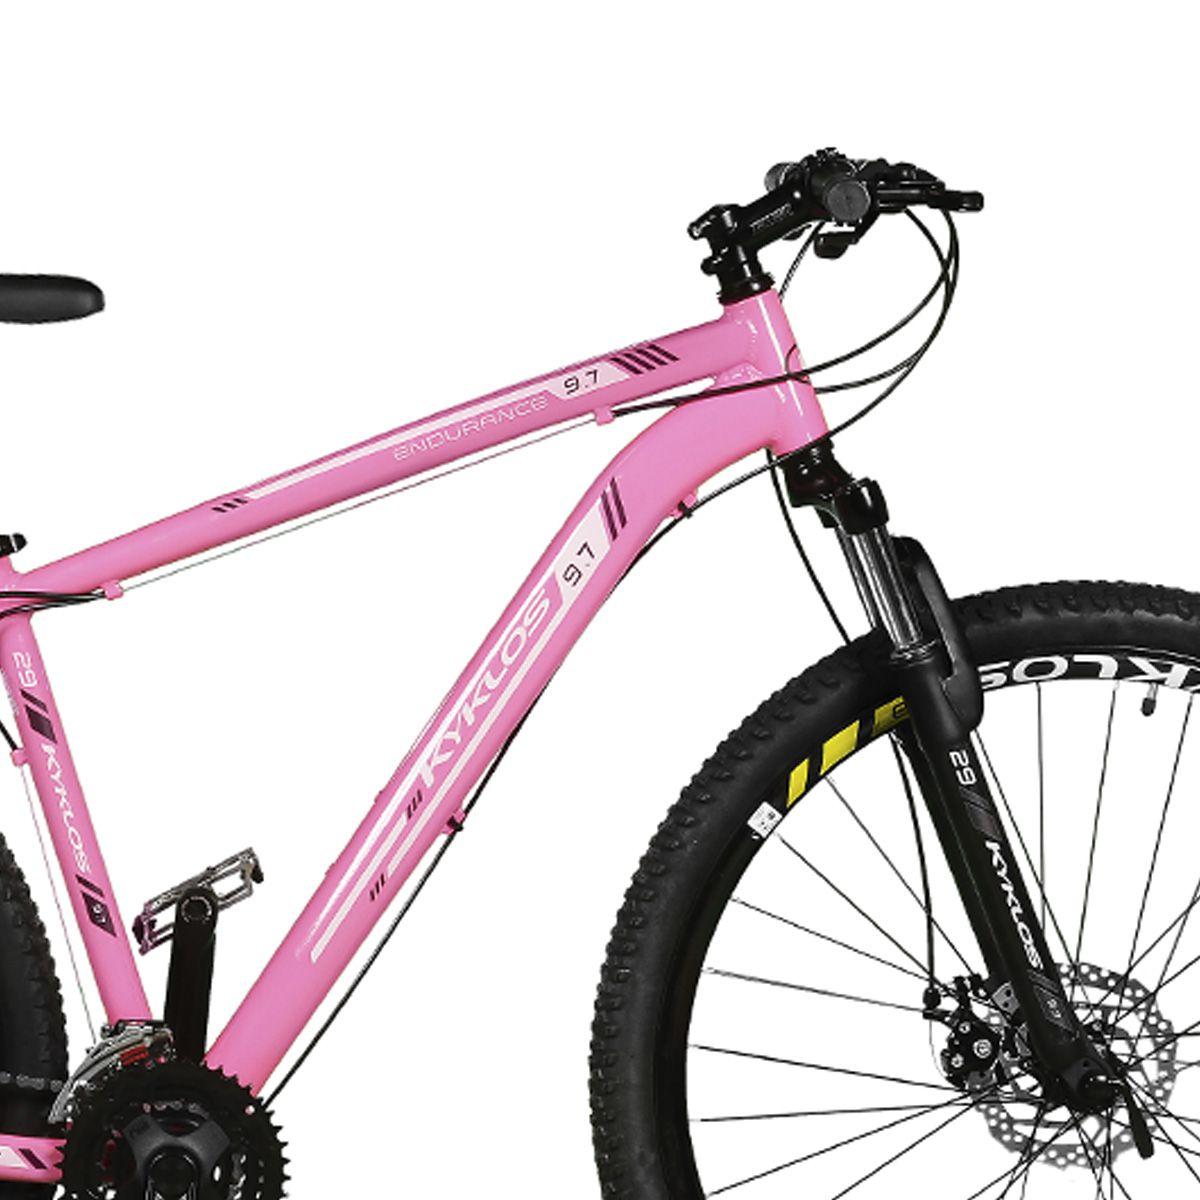 Bicicleta Kyklos Aro 29 Endurance 9.7 24V Freio a Disco com Suspensão A-36 Rosa/Preto